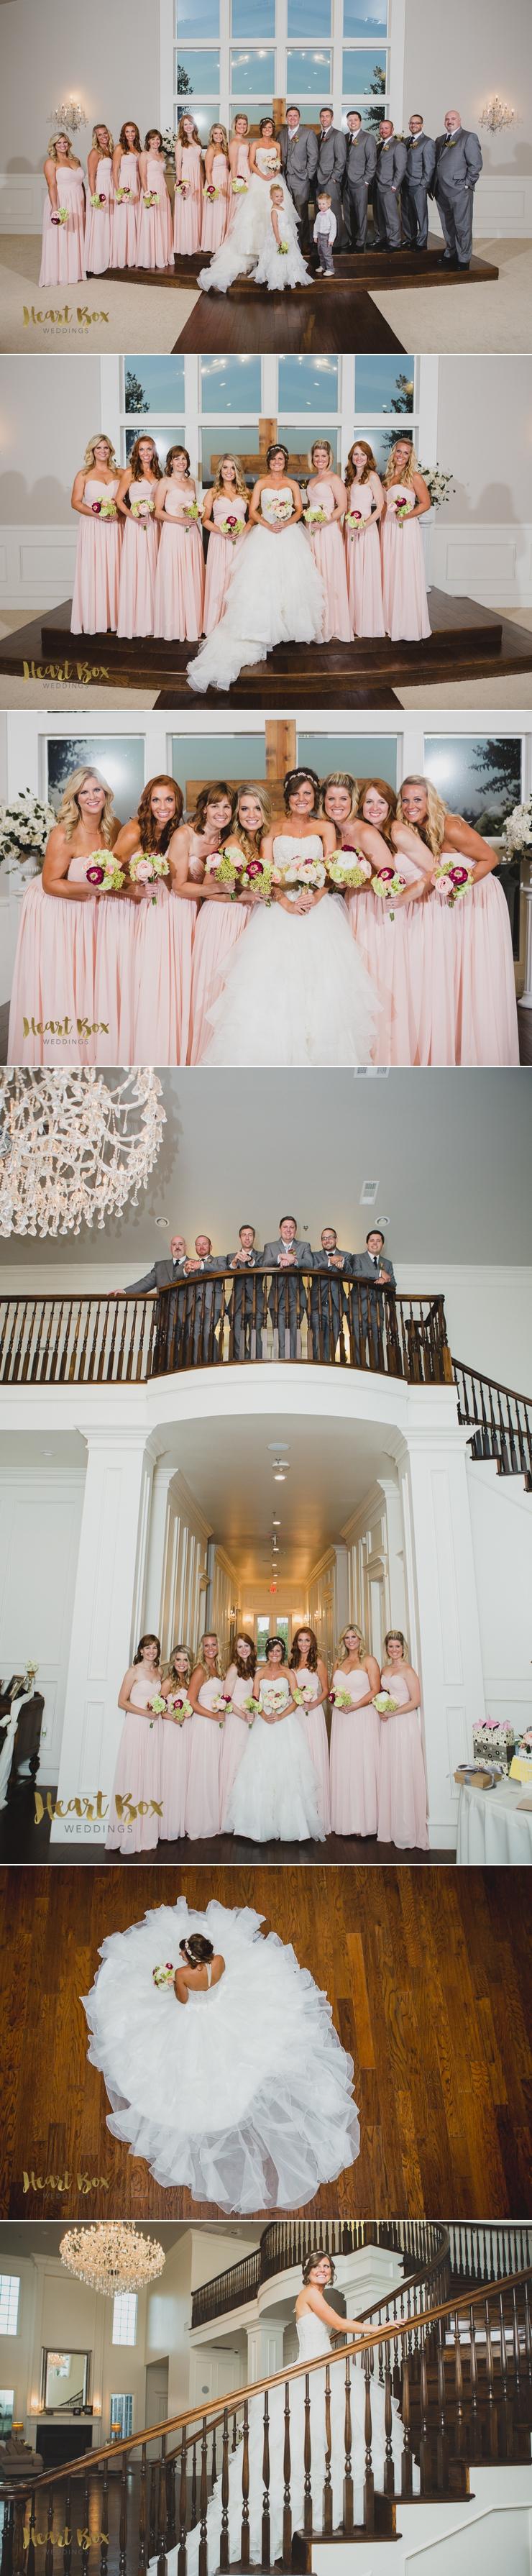 Wishon Wedding Blog Collages 13.jpg